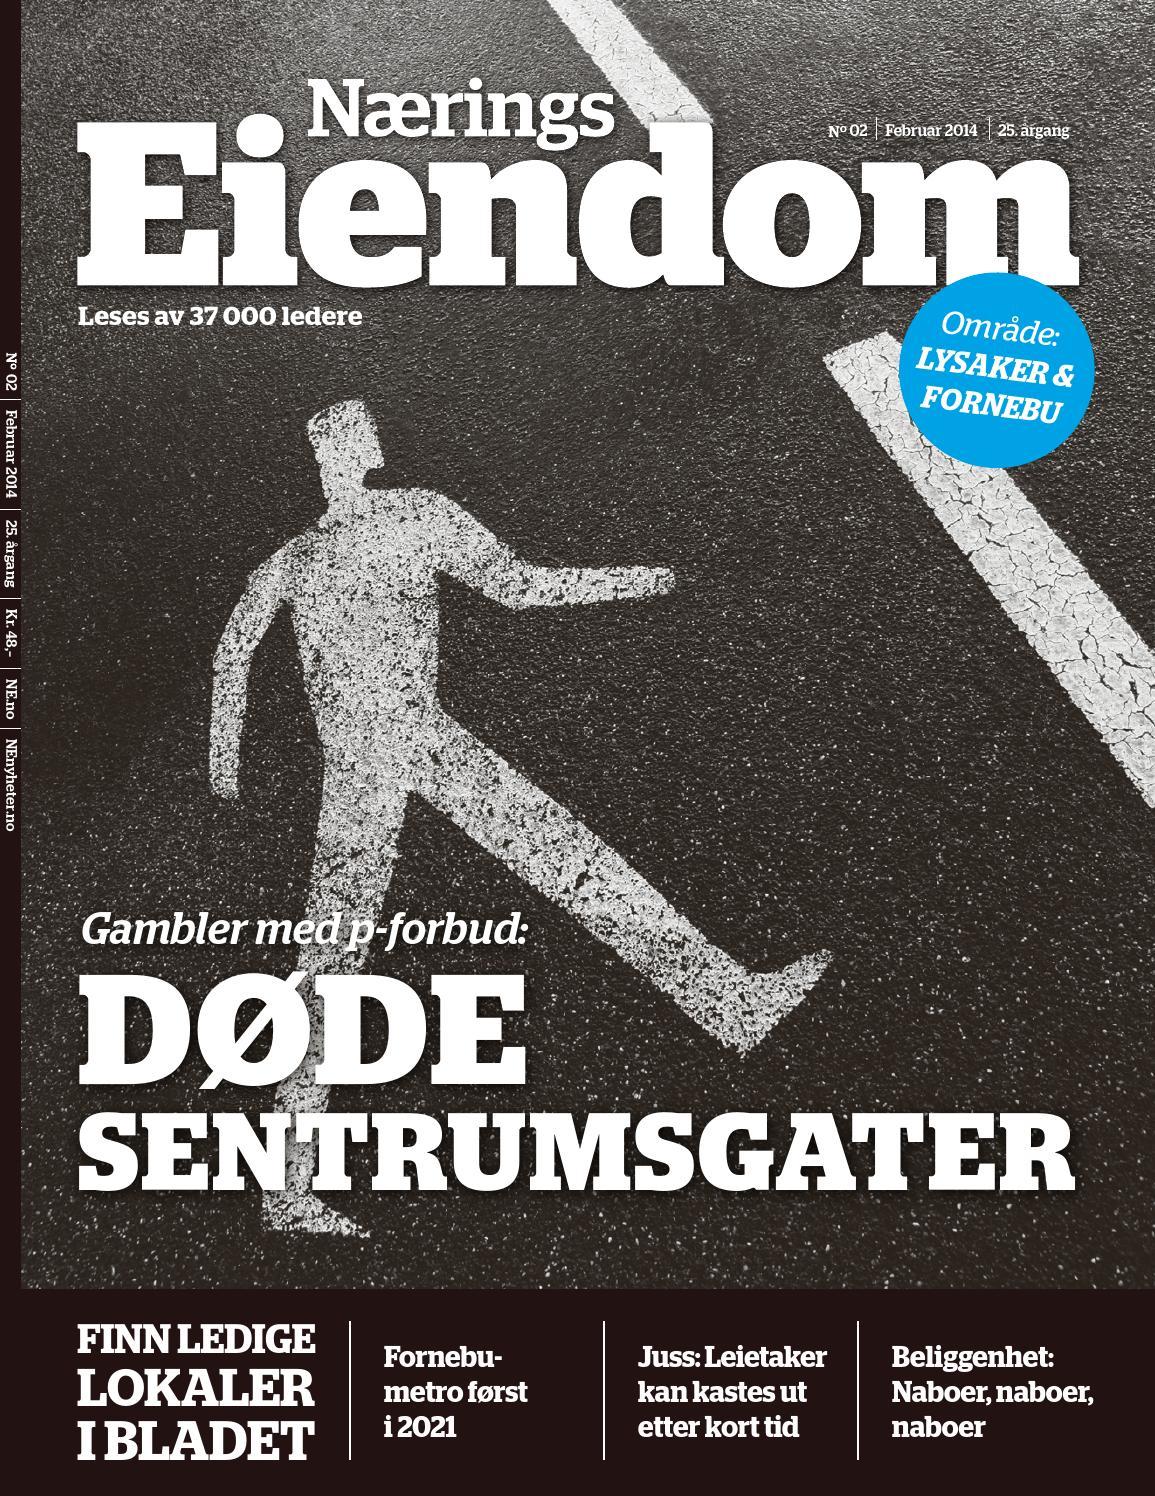 Næringseiendom nr 03 2013 by blake and friends   issuu